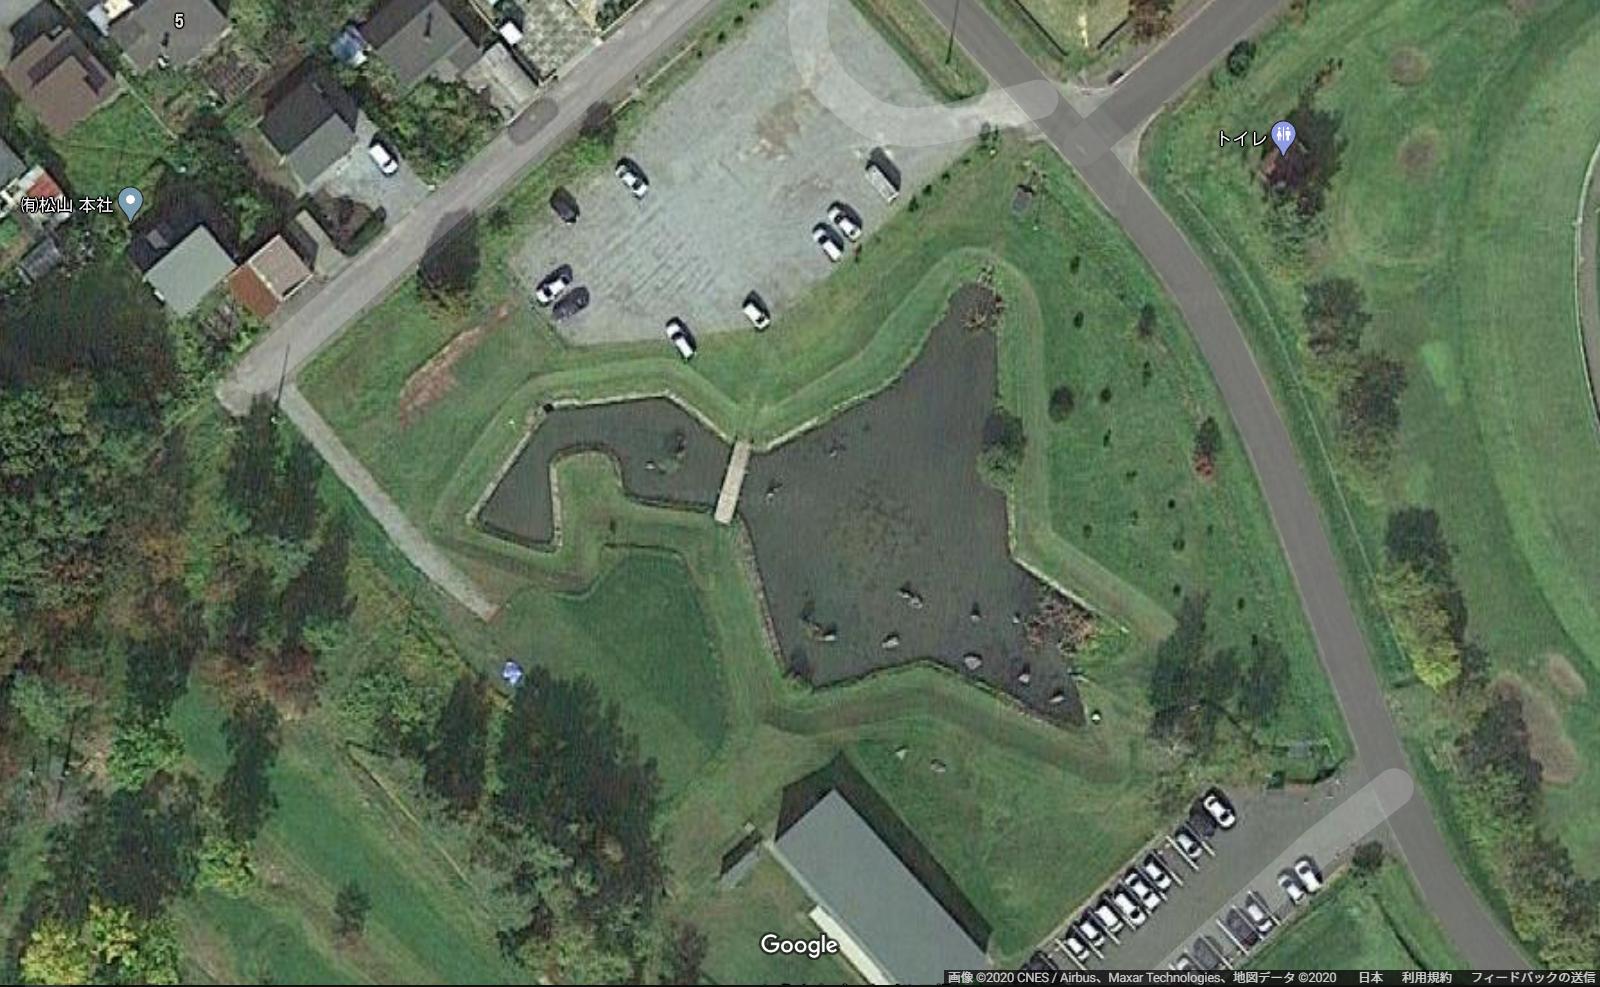 上空から見たら北海道だった!北海道の形をした池・沼・島まとめ